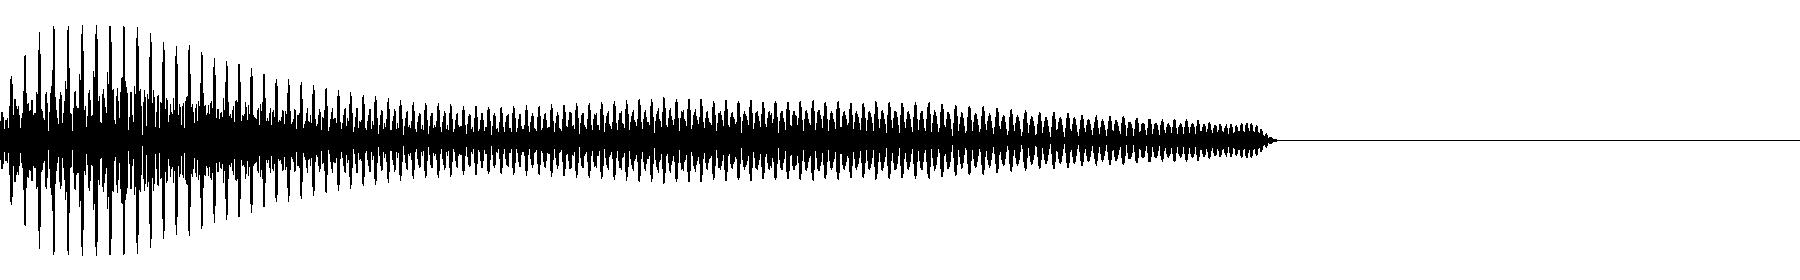 gia sound 20 g3